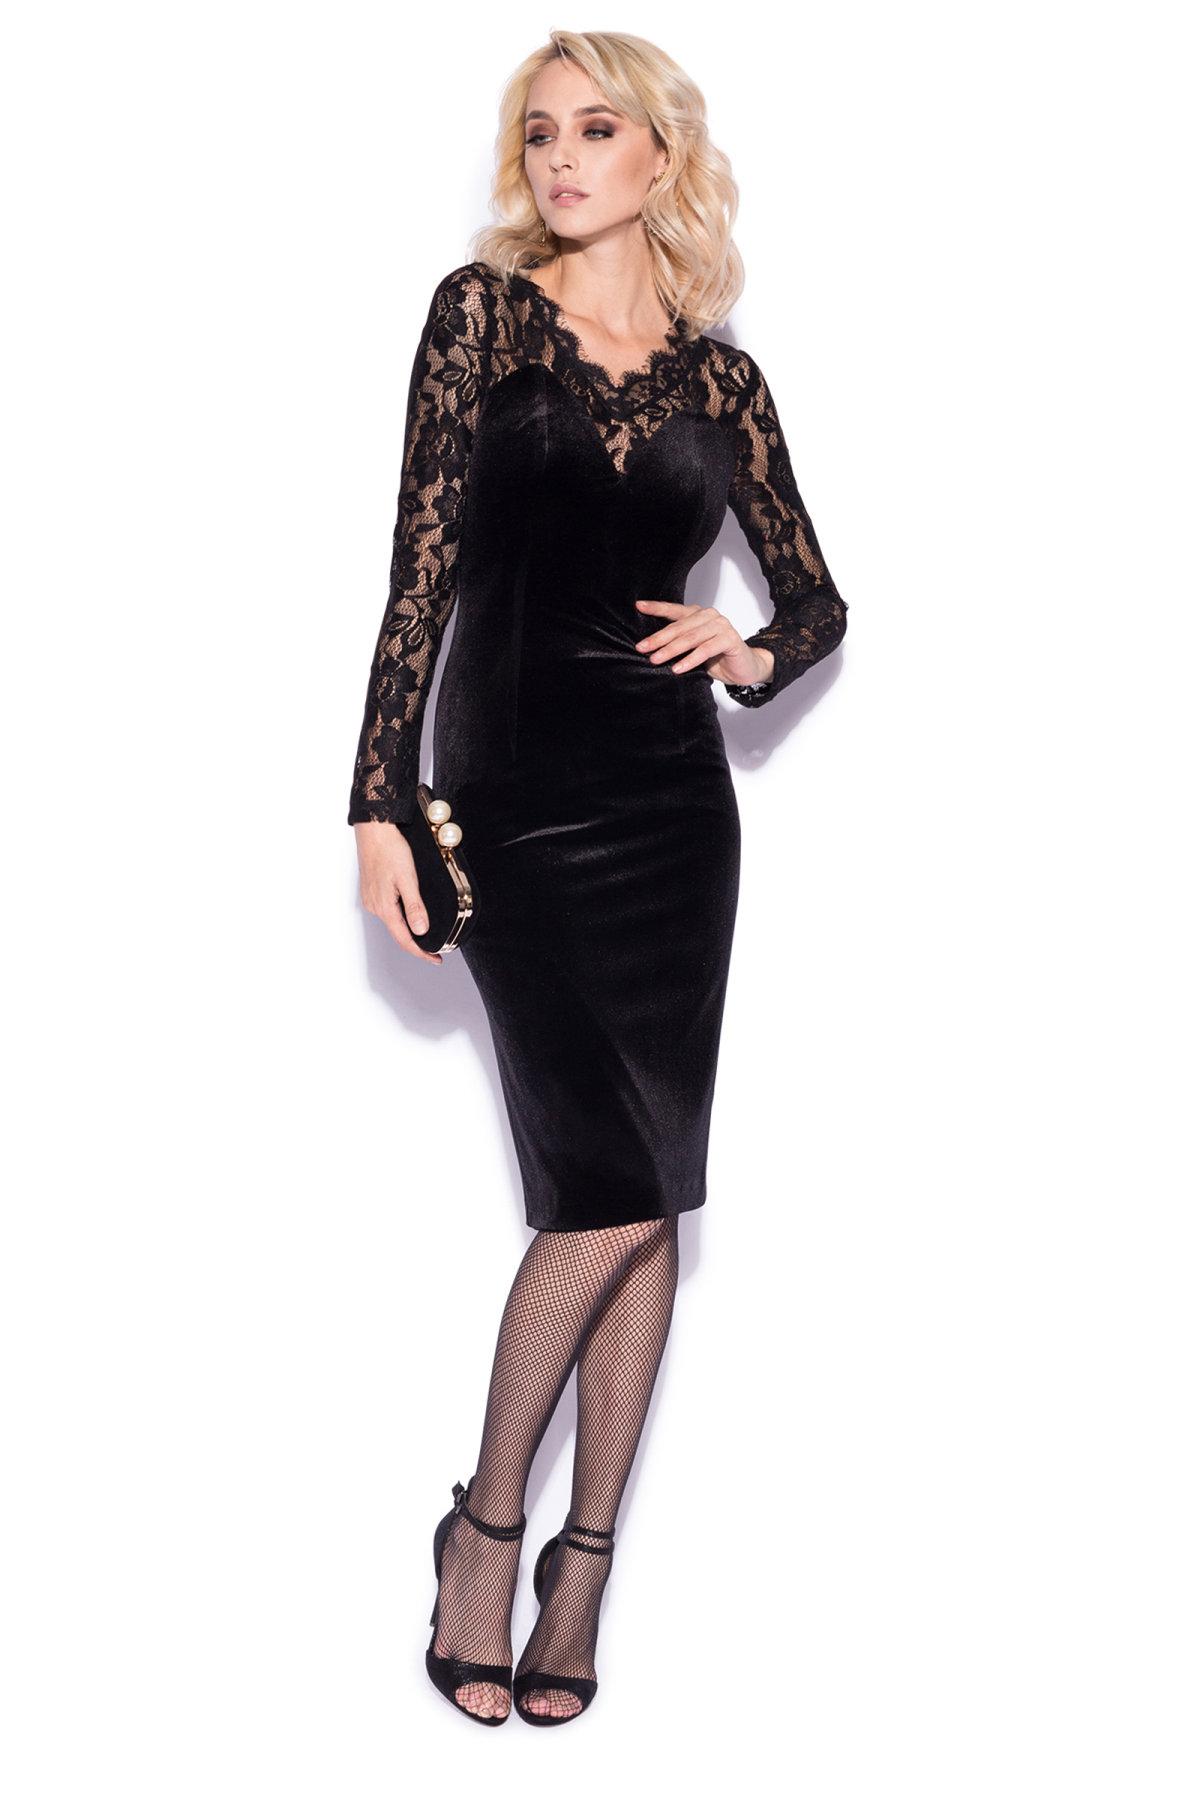 Rochie eleganta cu detalii din dantela delicata Negru